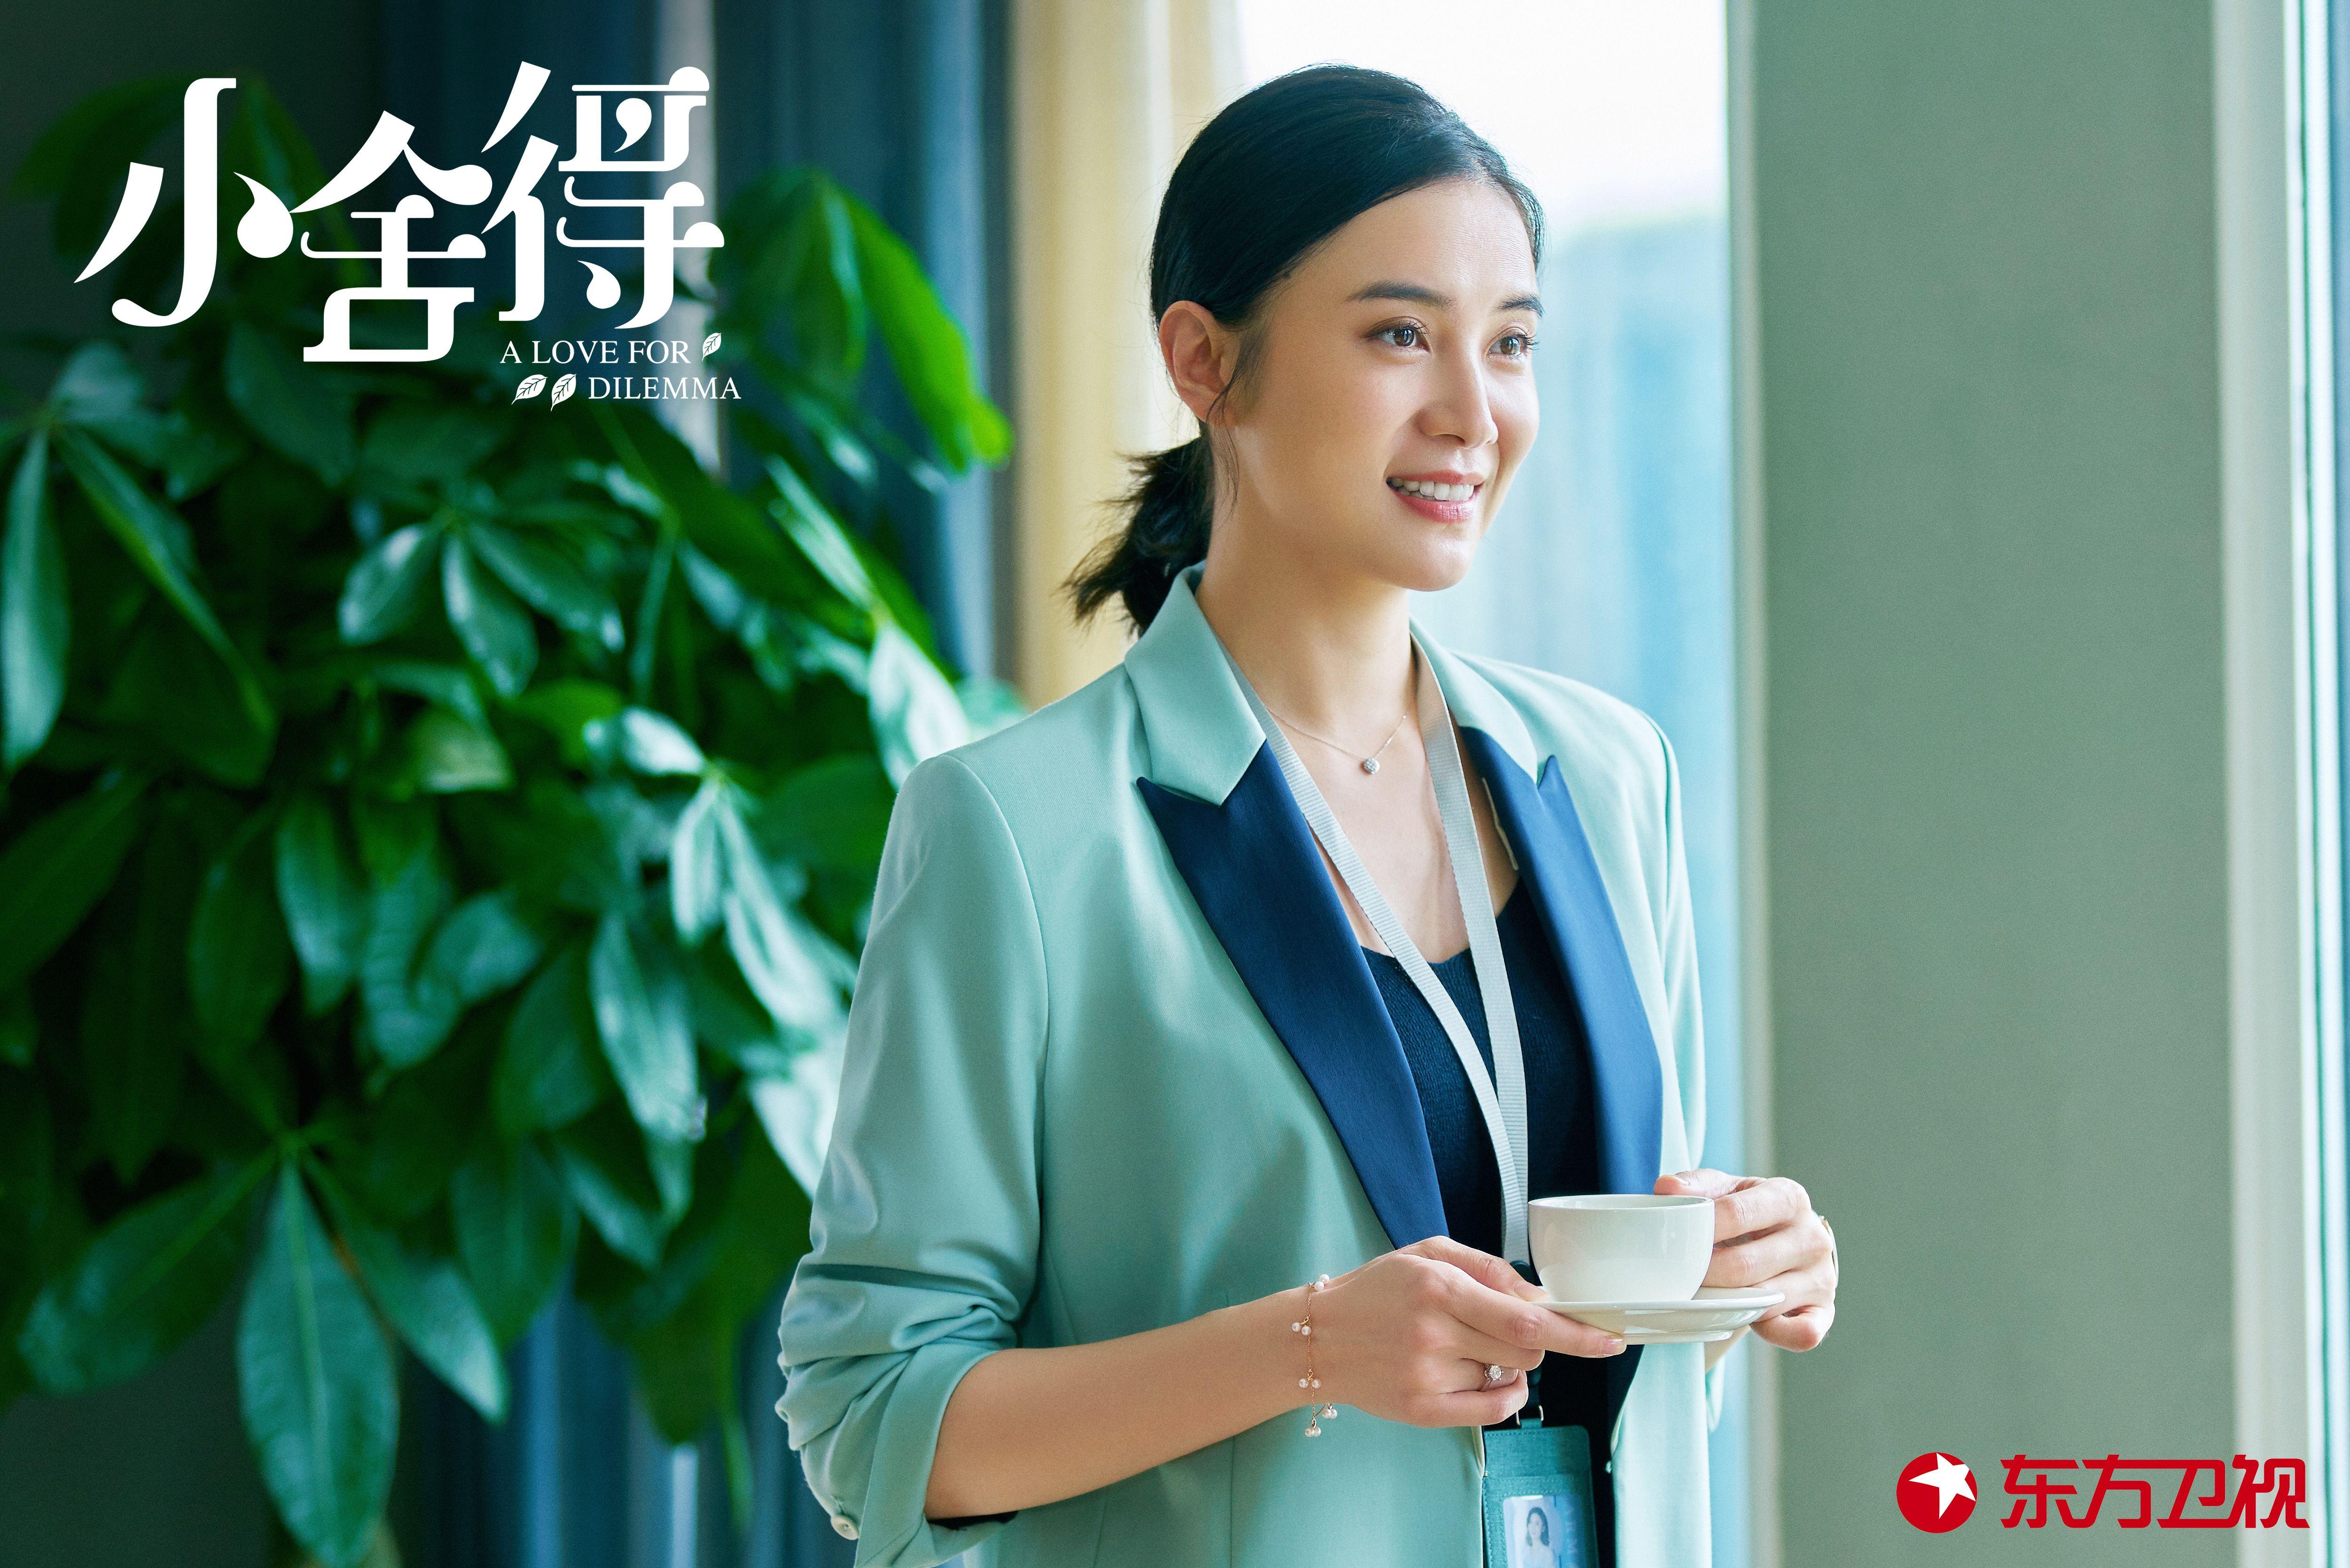 宋佳饰演南俪。